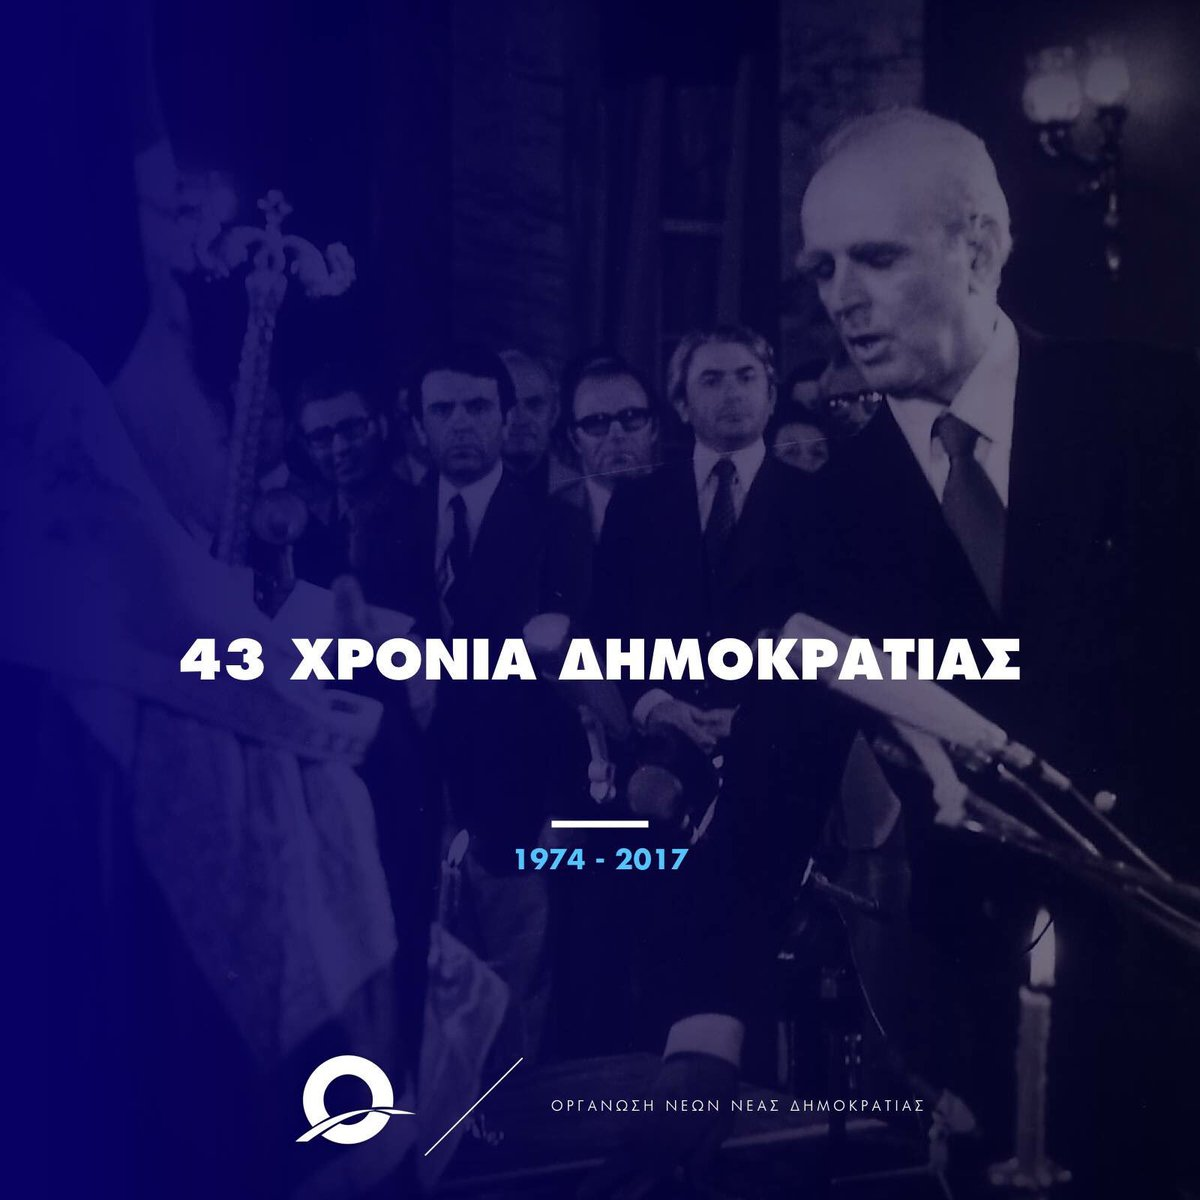 Ο Σταύρος Θεοδωράκης για τα 43 χρόνια από την αποκατάσταση της Δημοκρατίας  ...